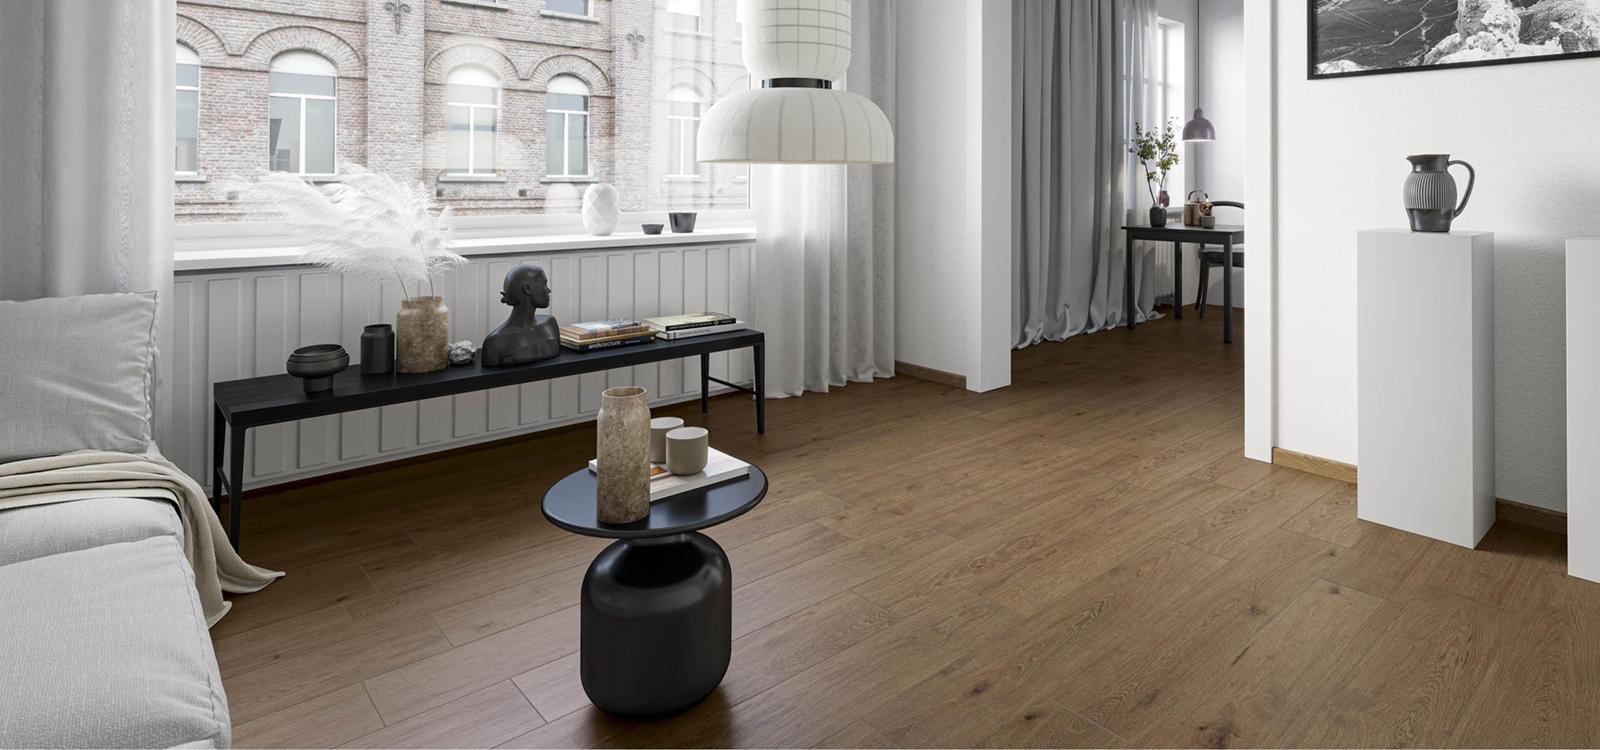 Italian Ceramic Floor Tiles and Floor Slabs - Piemme Floor